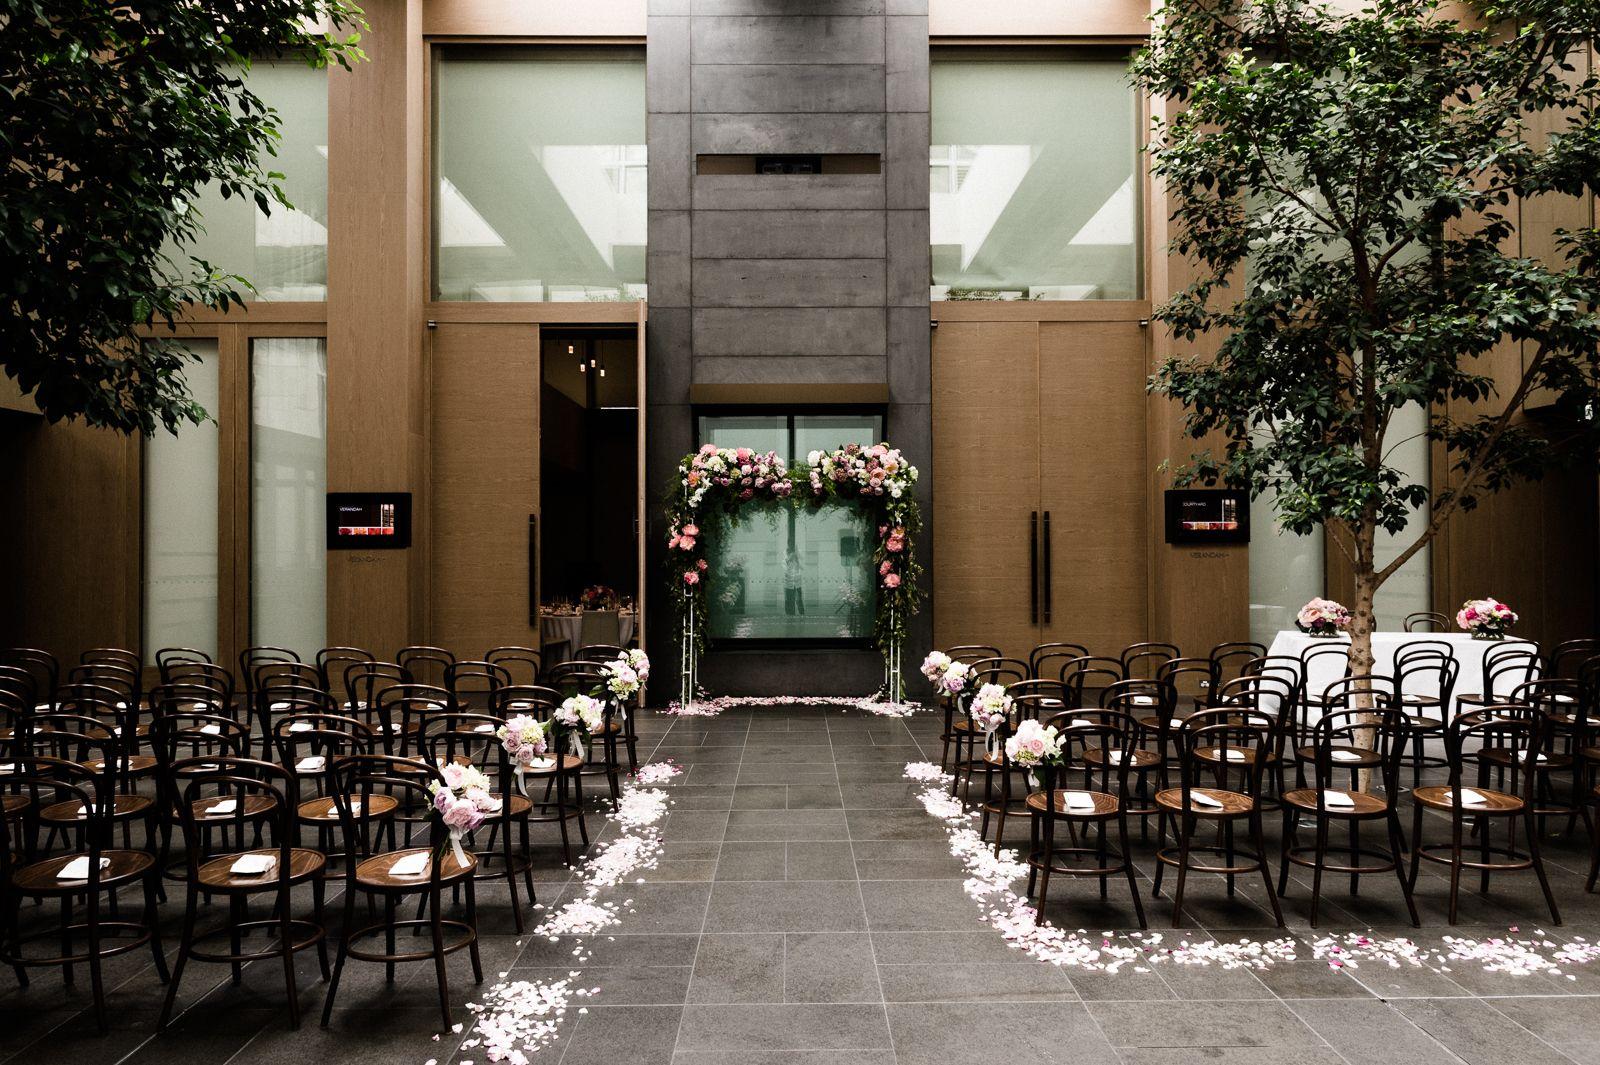 Melbourne Amy Wedding Reception Venues